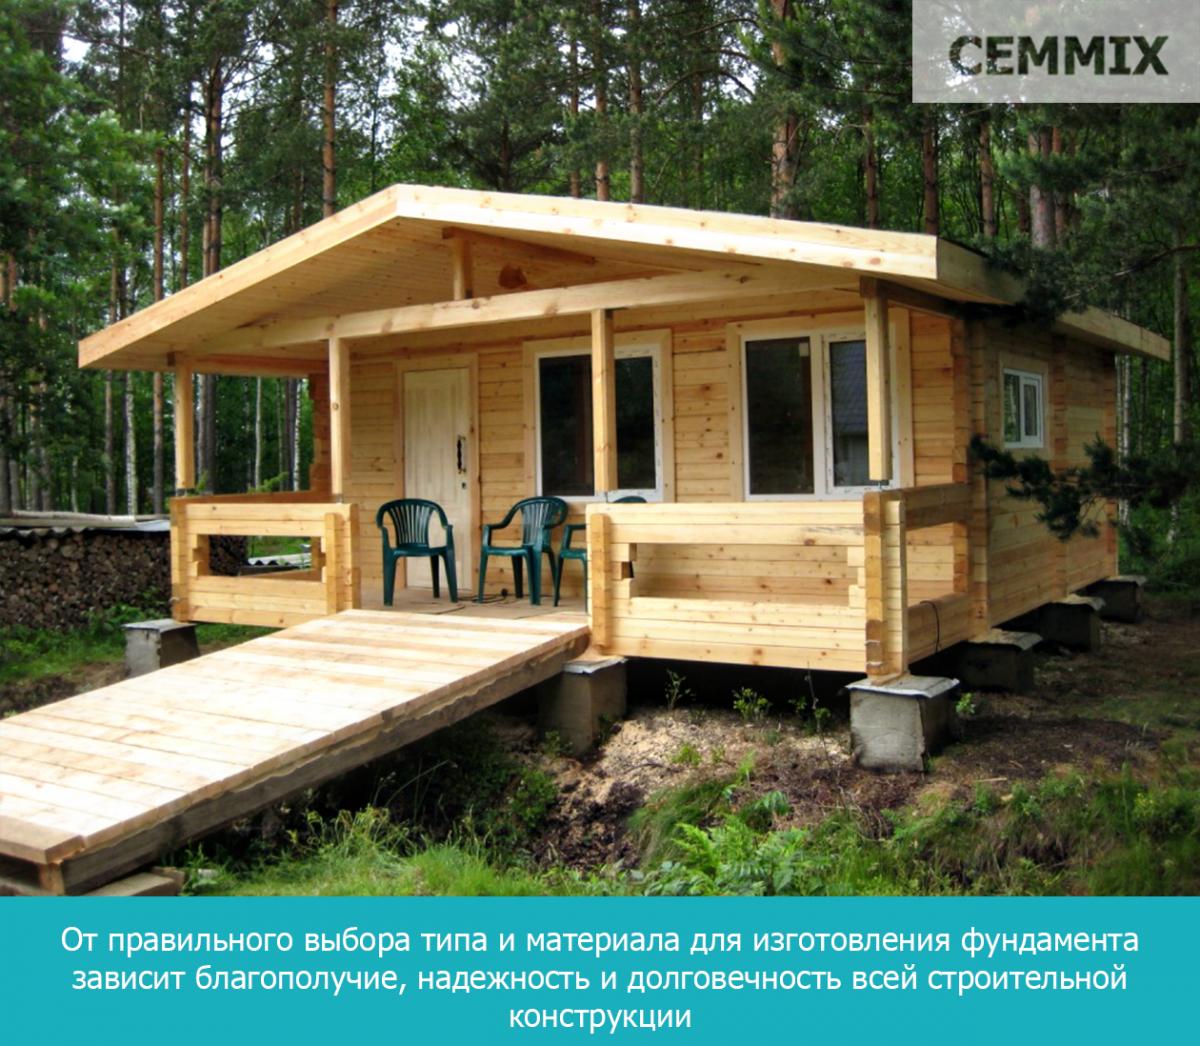 От правильного выбора типа и материала для изготовления фундамента зависит благополучие всей строительной конструкции